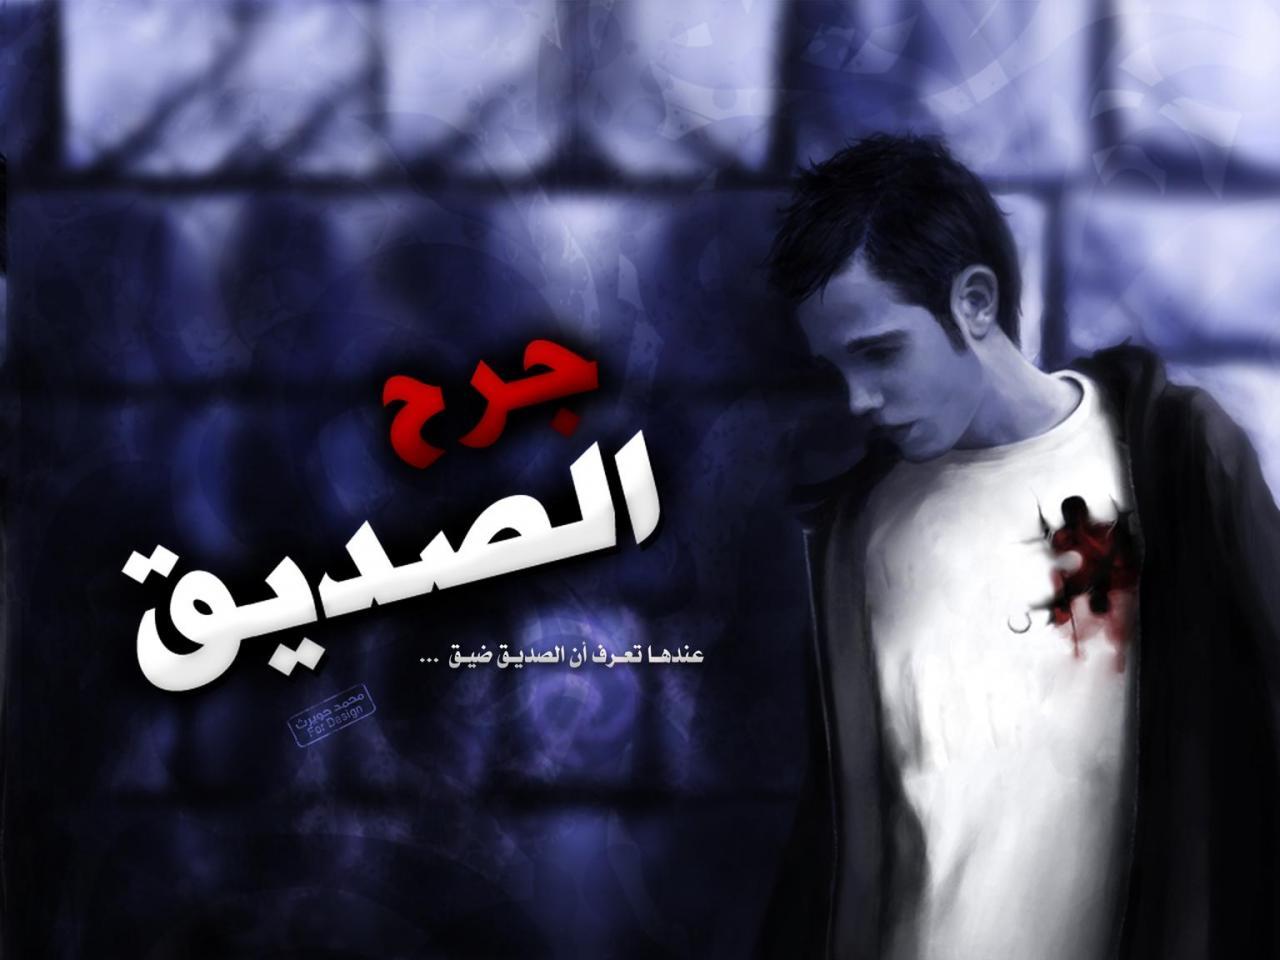 صورة صور لخيانة الصديق موسفة , بالصور خيانه الصديق 5849